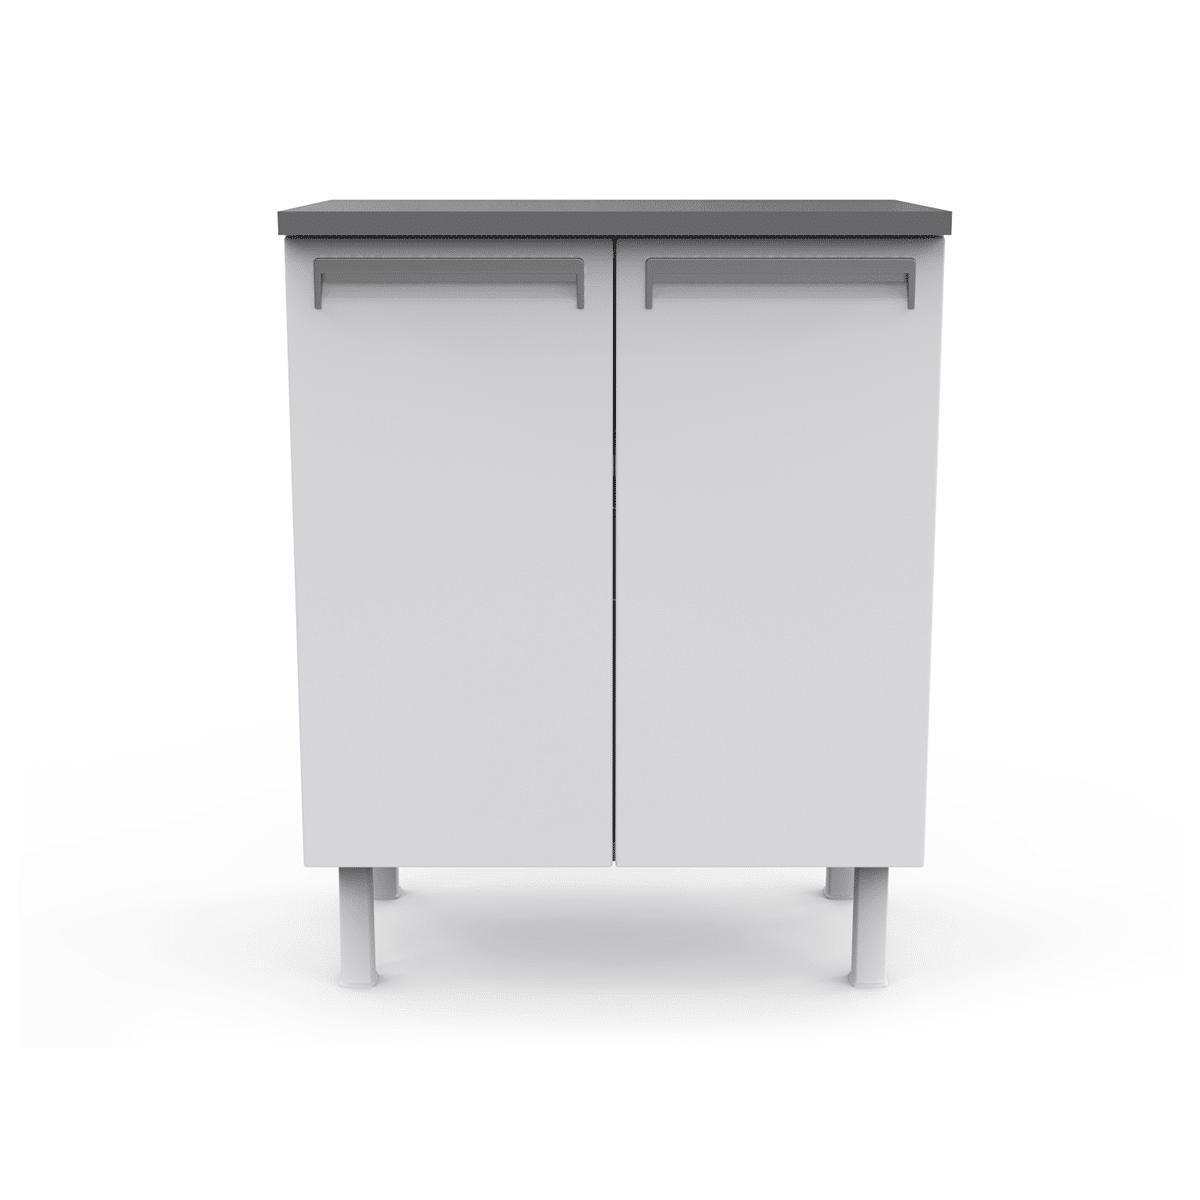 Balcão de Cozinha Colormaq Roma 70cm 2 Portas em Aço Branco e Grafito